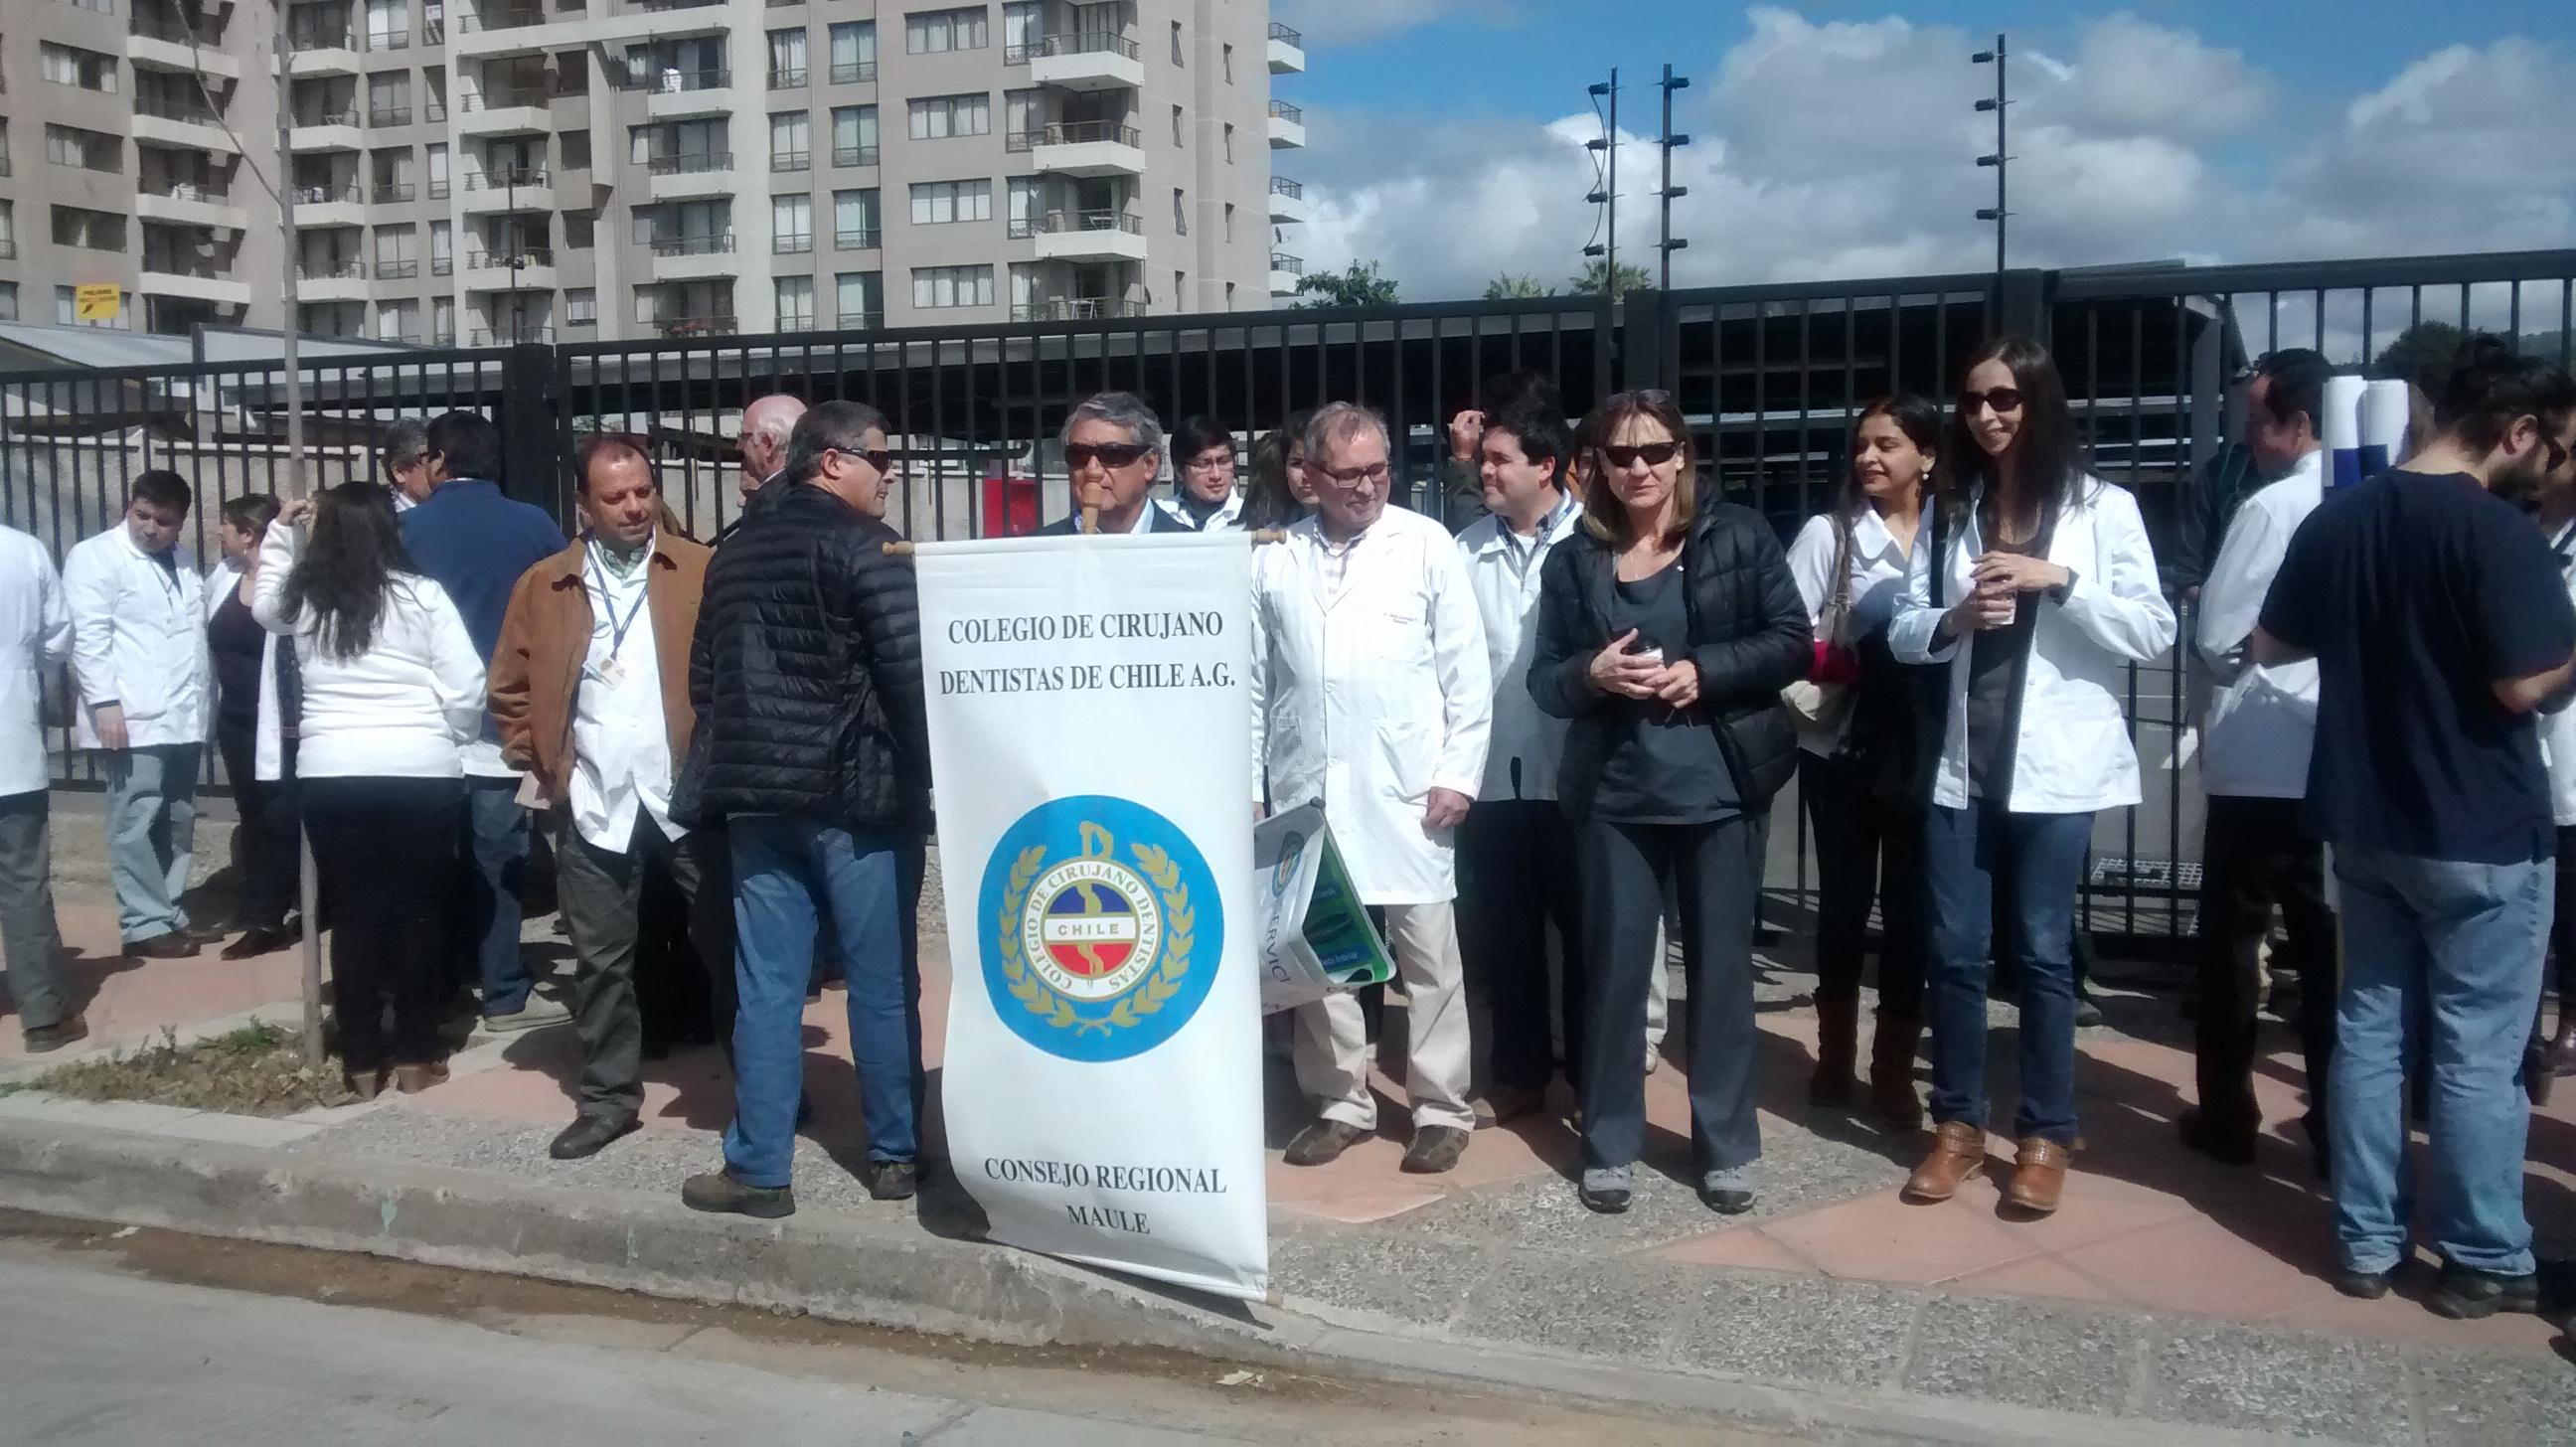 Odontólogos realizan manifestación en contra del MINSAL en Talca